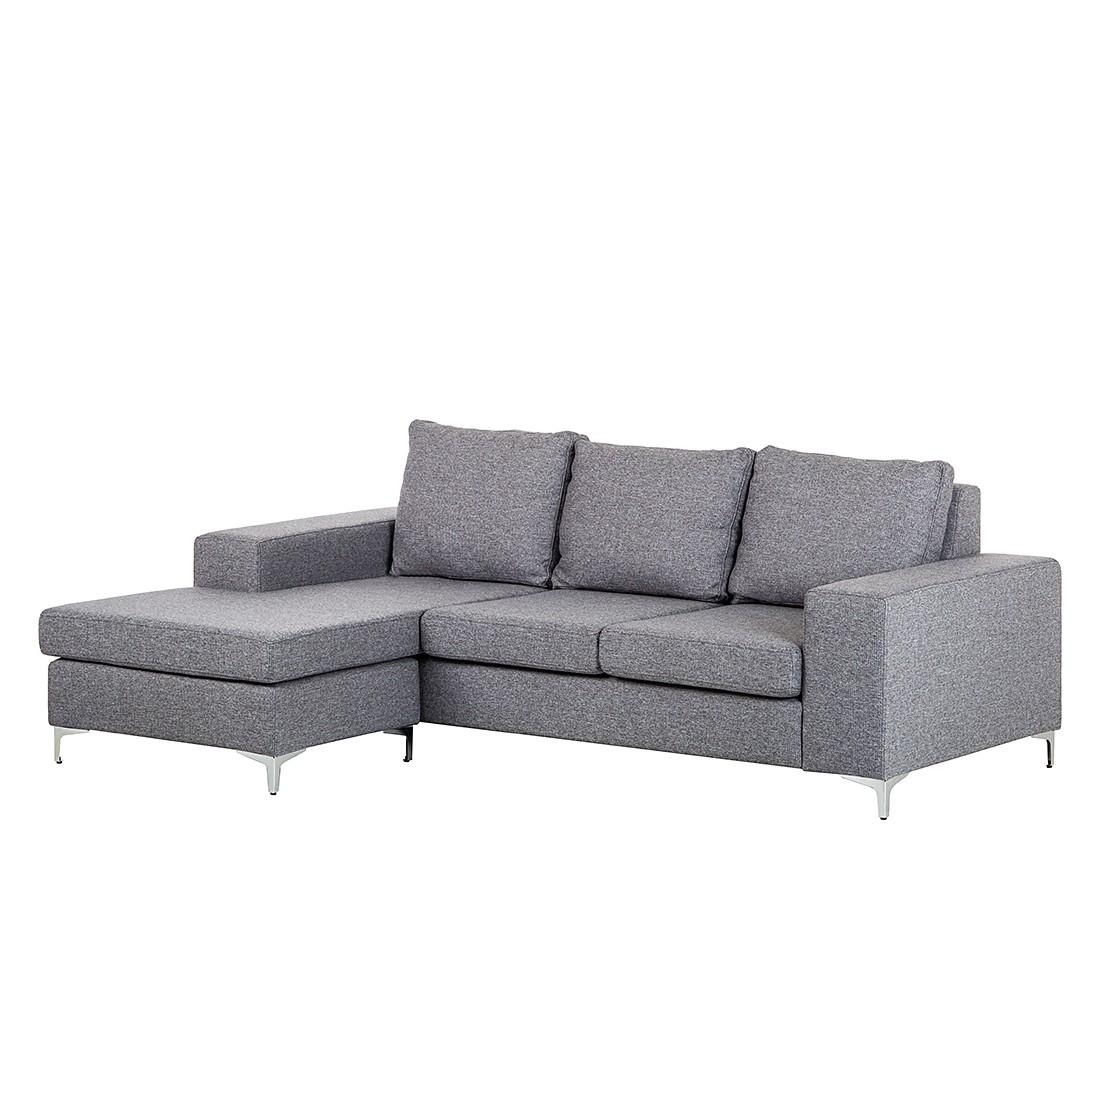 Canapé d'angle Cush - Tissu structuré gris-Méridienne, roomscape